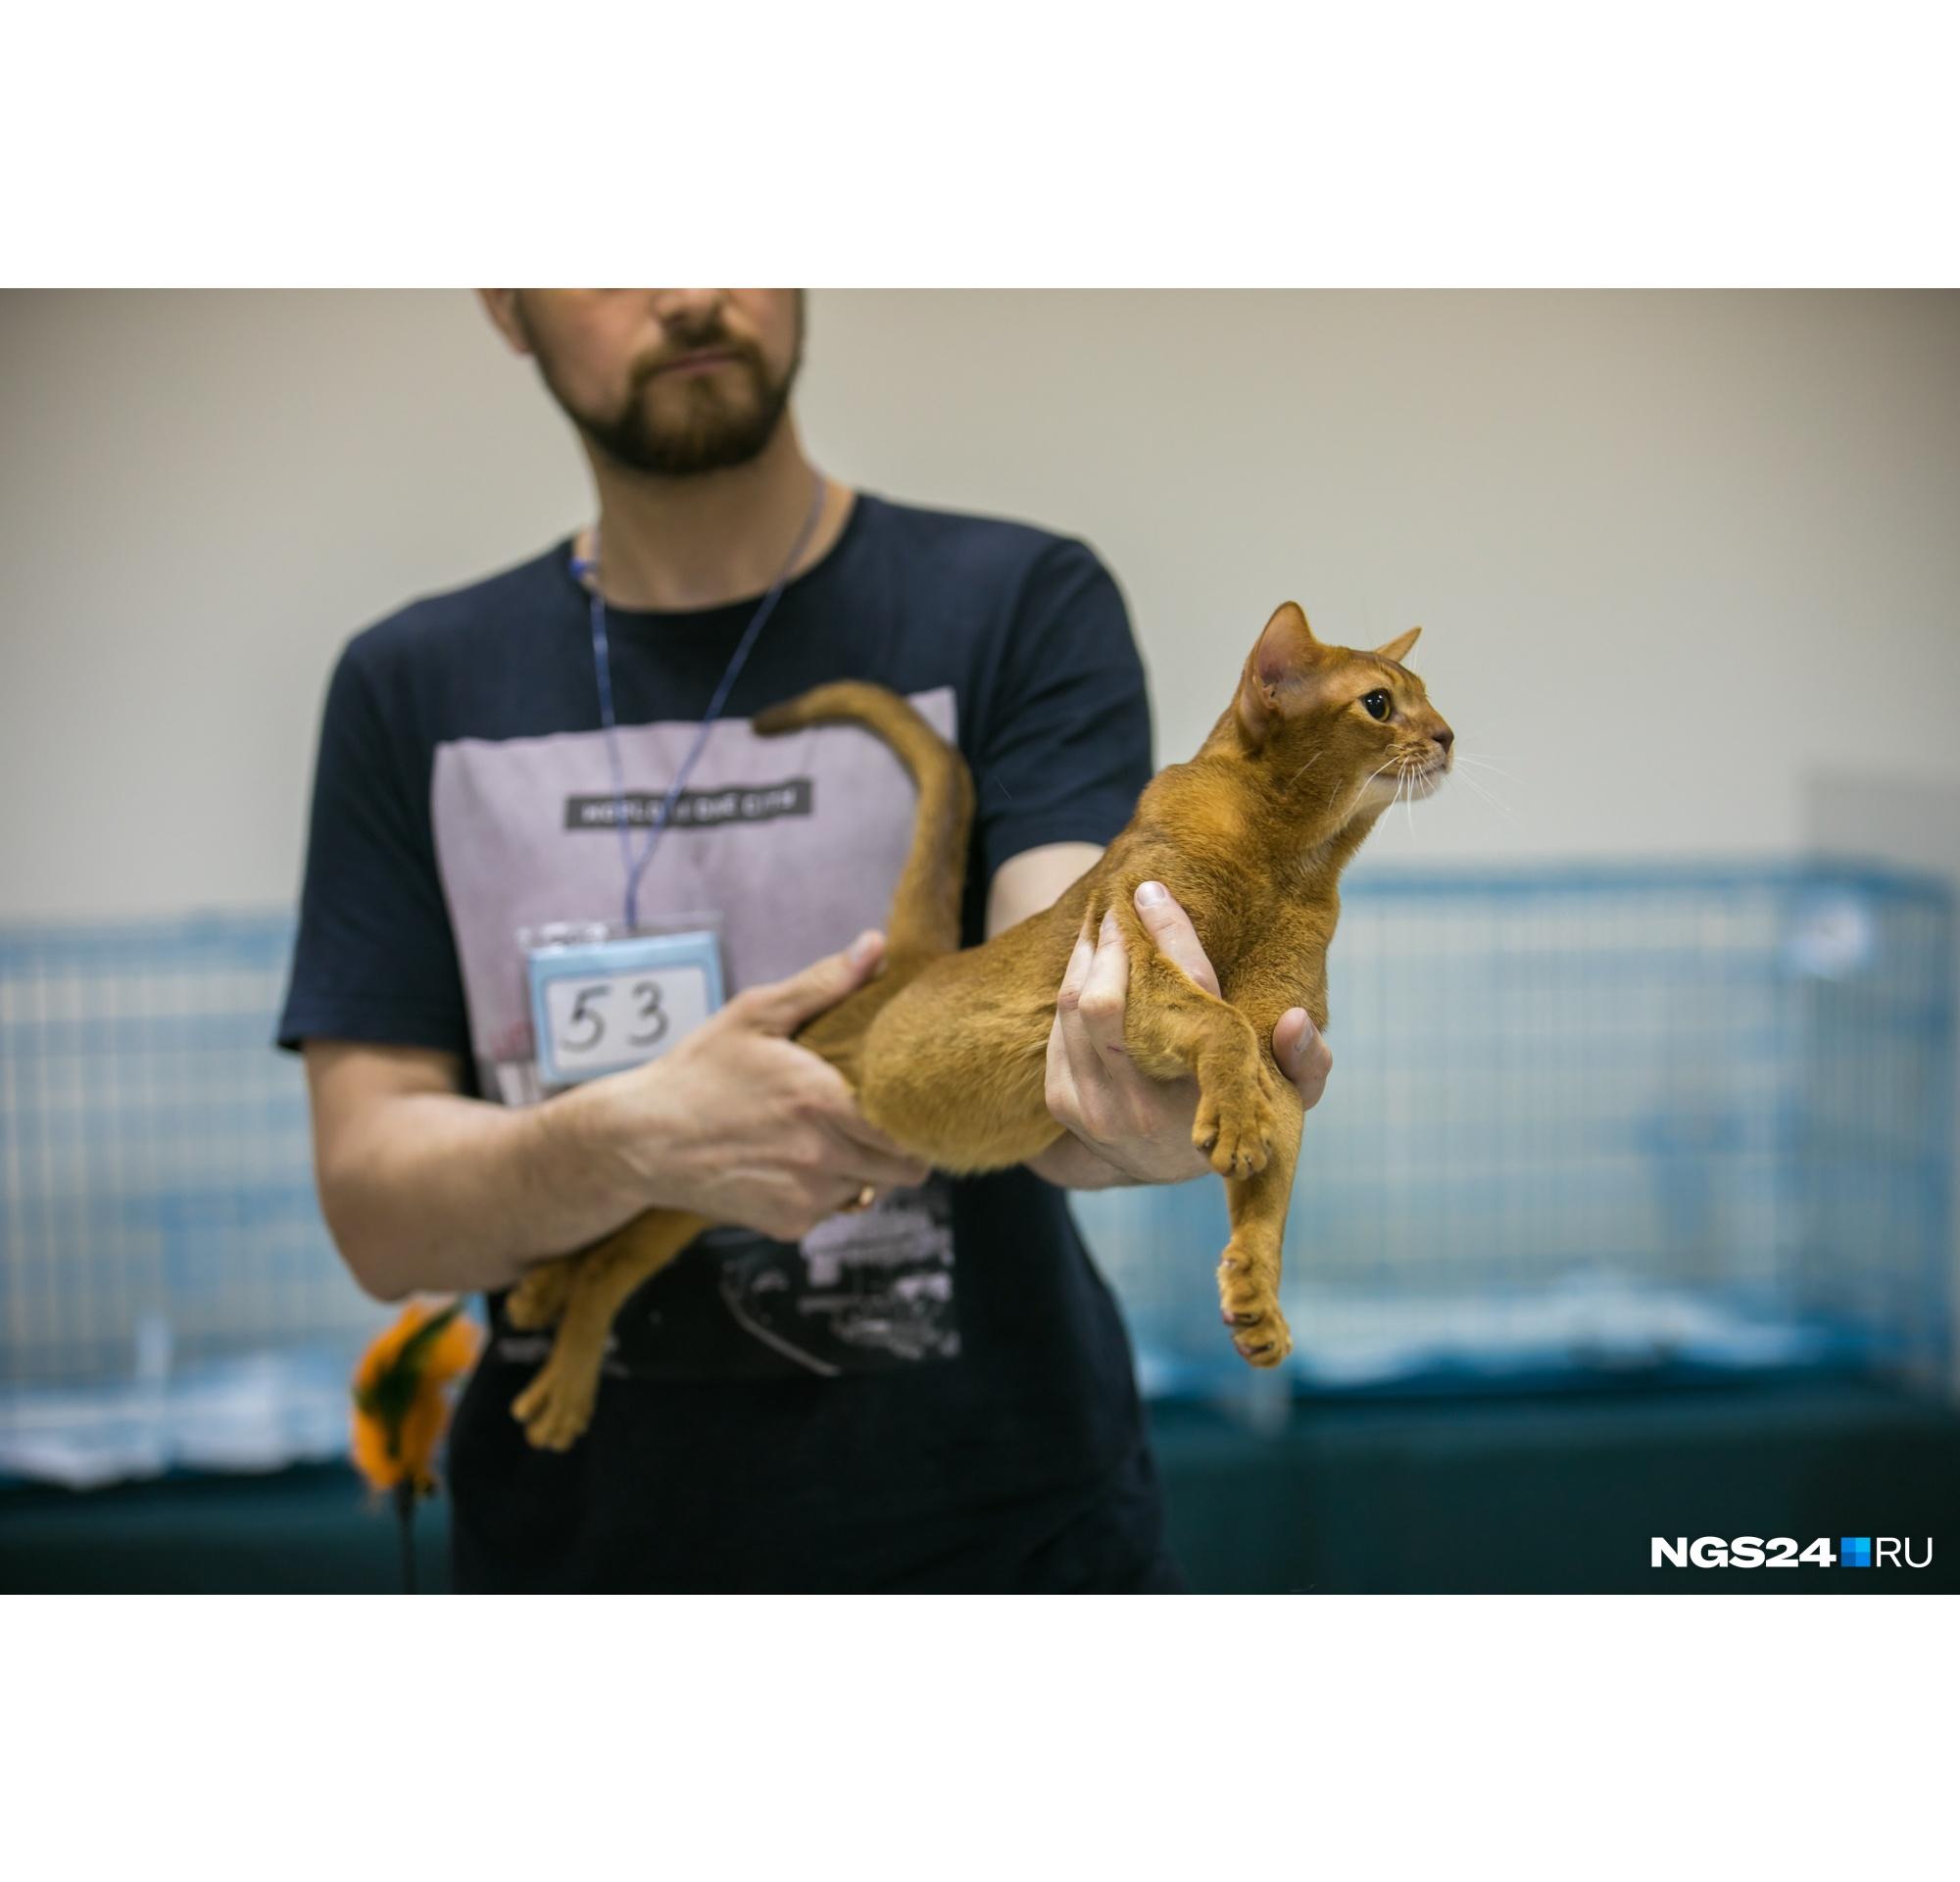 В руках хозяина он постоянно перекатывается как вода. Вам еще нужны доказательства, что коты — это жидкость?